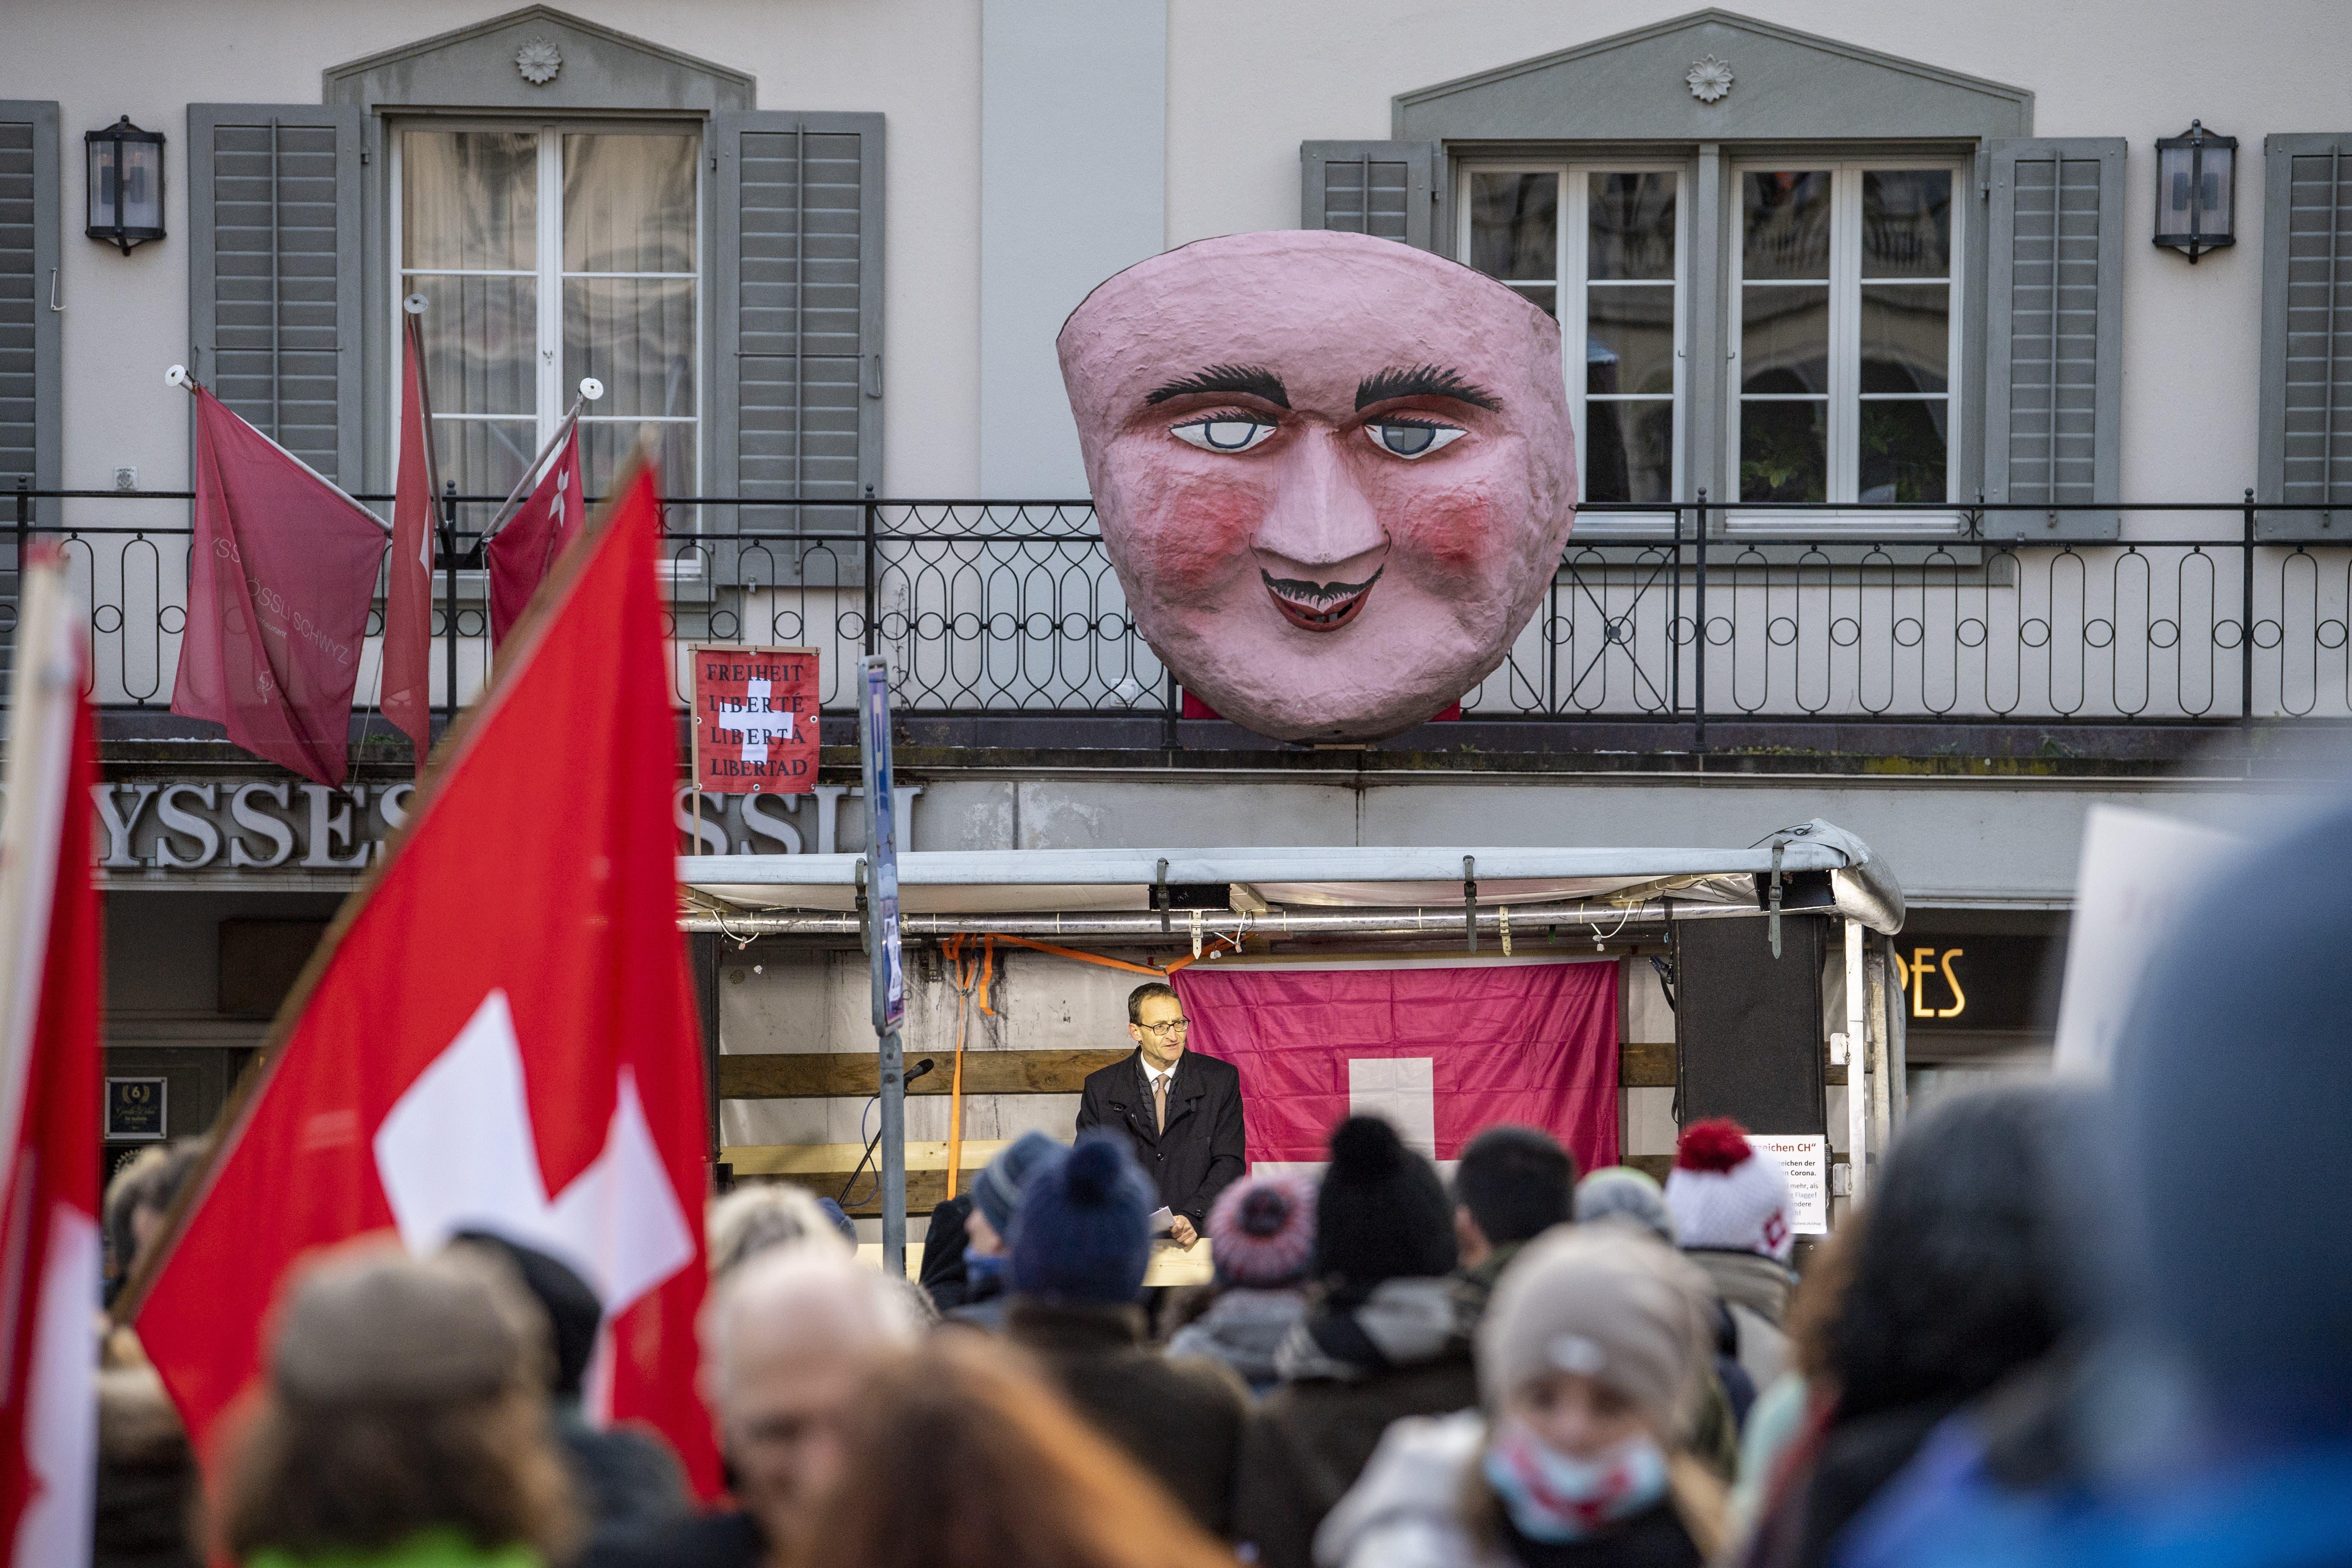 Der Schwyzer Alt Regierungsrat Rene Bünter spricht anlässlich einer Kundgebung des «Aktionsbündnis Urkantone für eine vernünftige Corona-Politik» auf dem Hauptplatz in Schwyz.